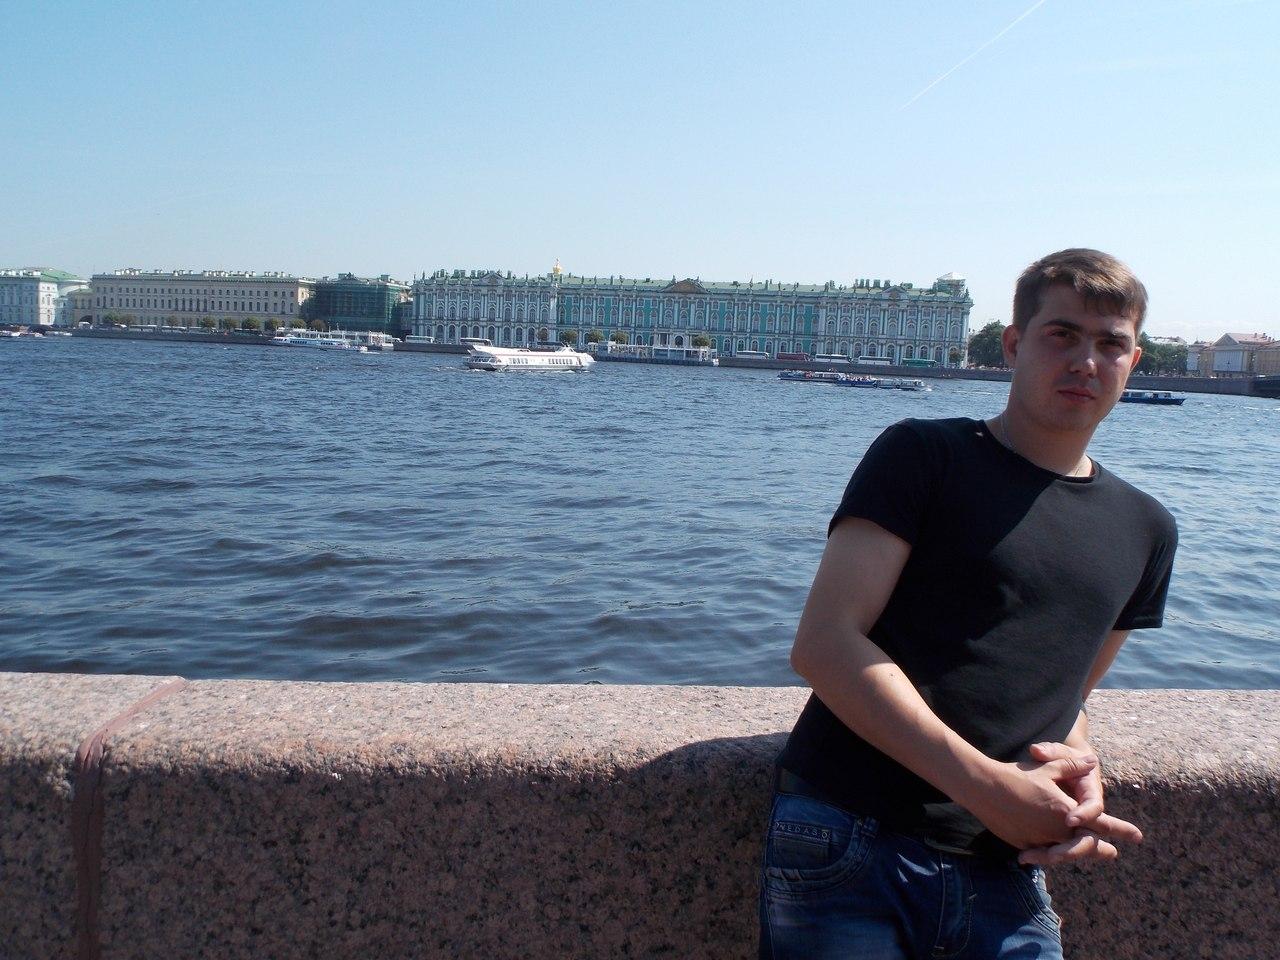 Дмитрий Ковтуненко, Брянск - фото №1